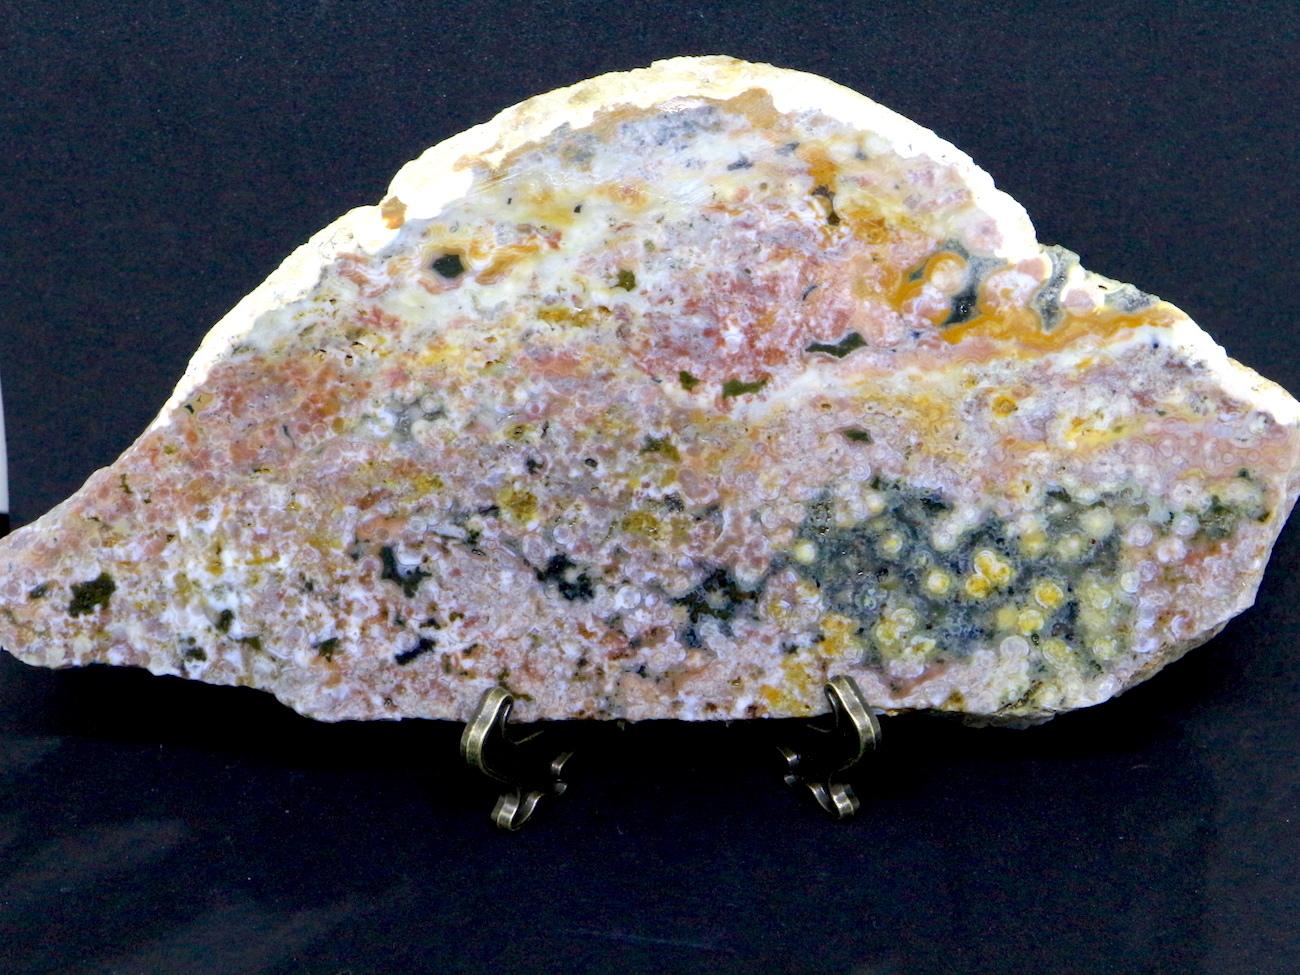 大スライス! オーシャンジャスパー マダガスカル産205,9g OJ070 鉱物 天然石 原石 パワーストーン